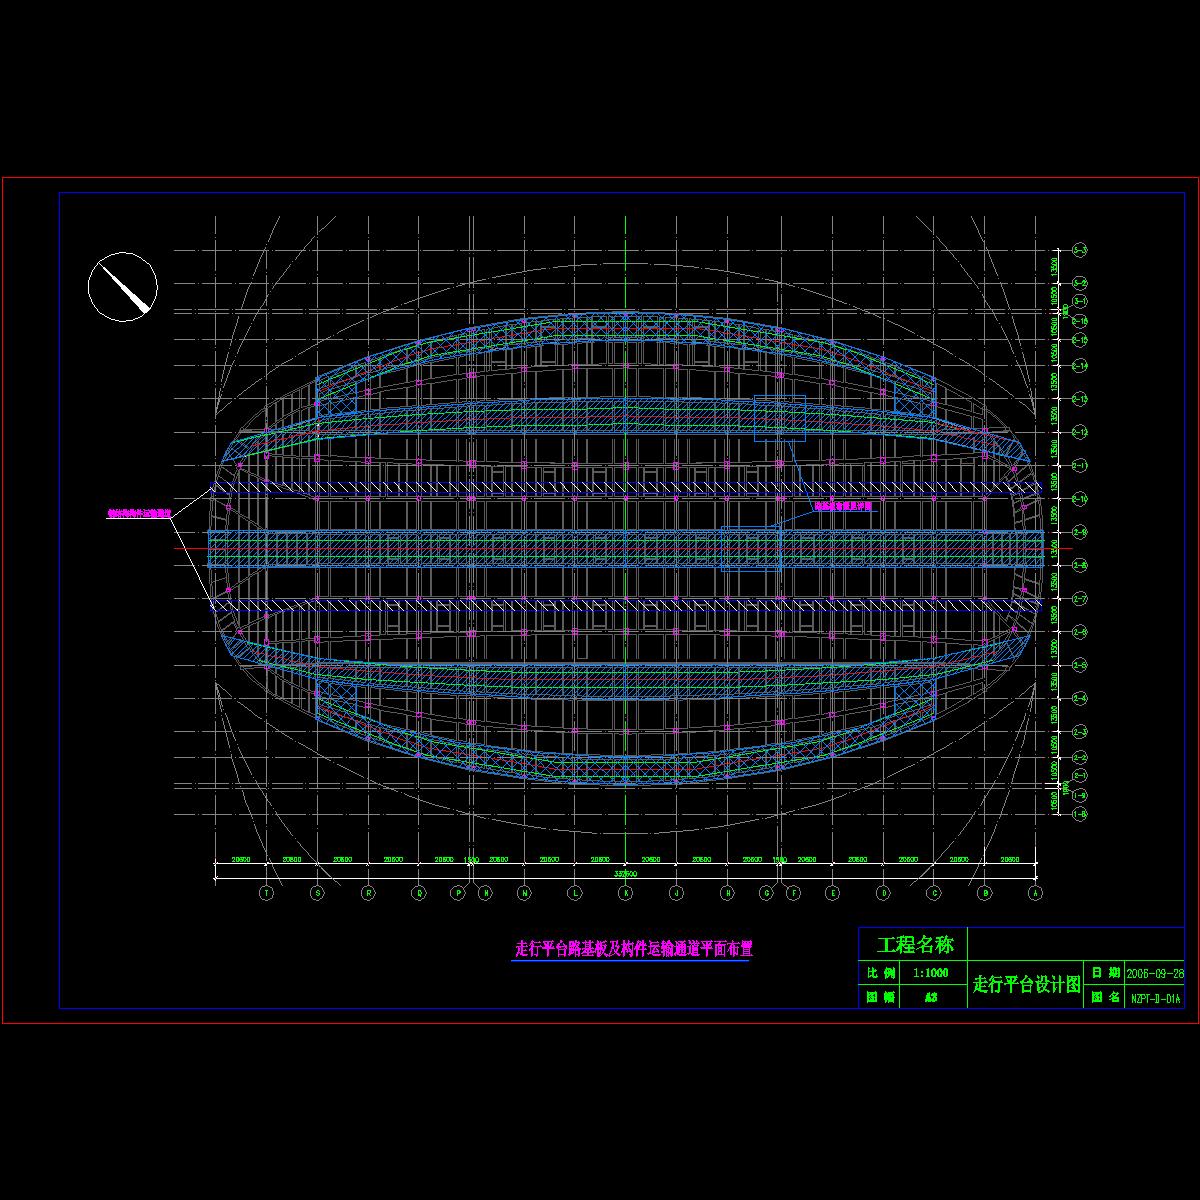 站房加固方案-路基平面及通道.dwg